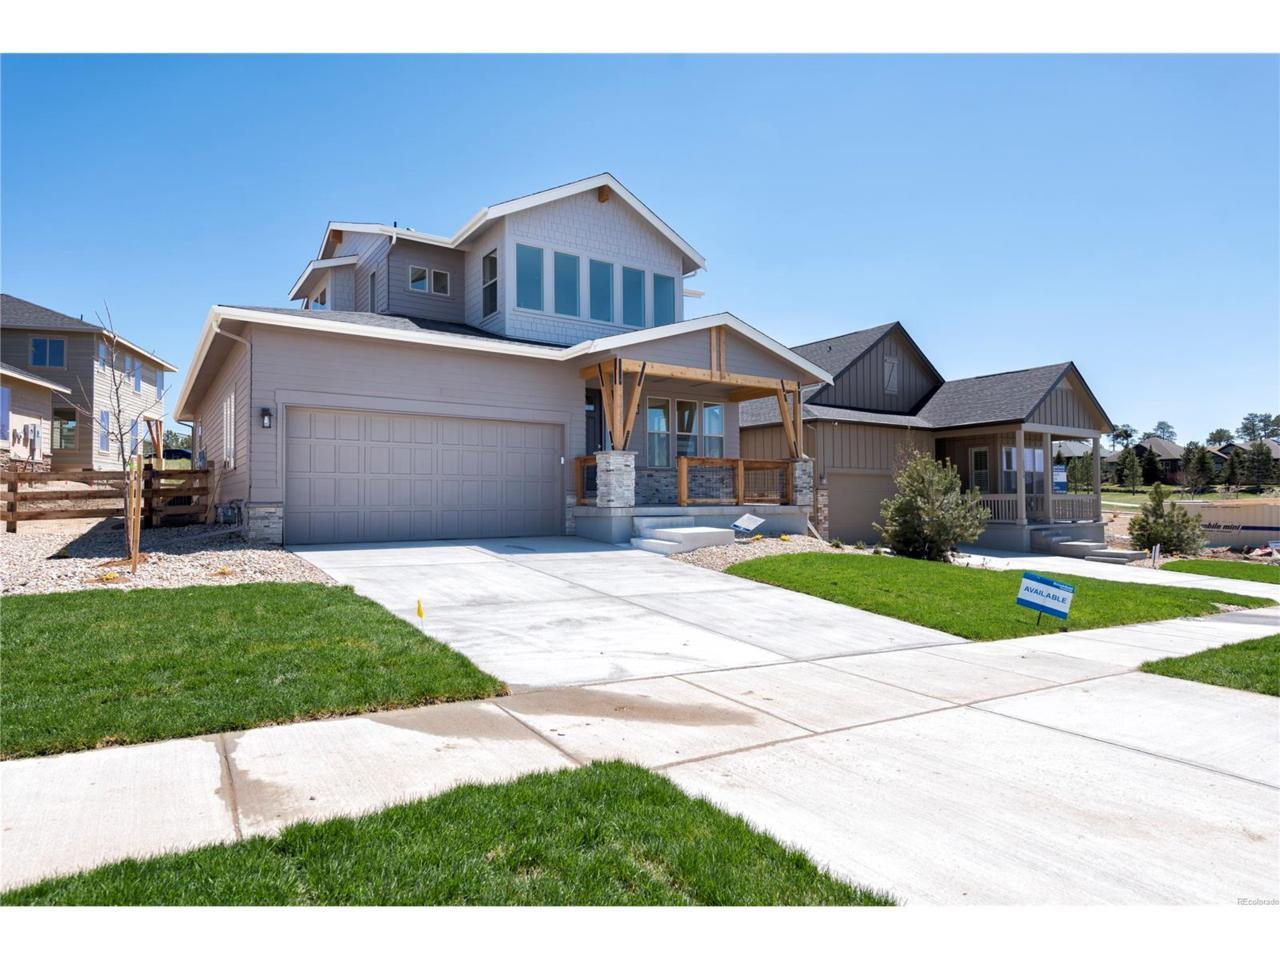 7014 S Buchanan Court, Aurora, CO 80016 (MLS #9002775) :: 8z Real Estate